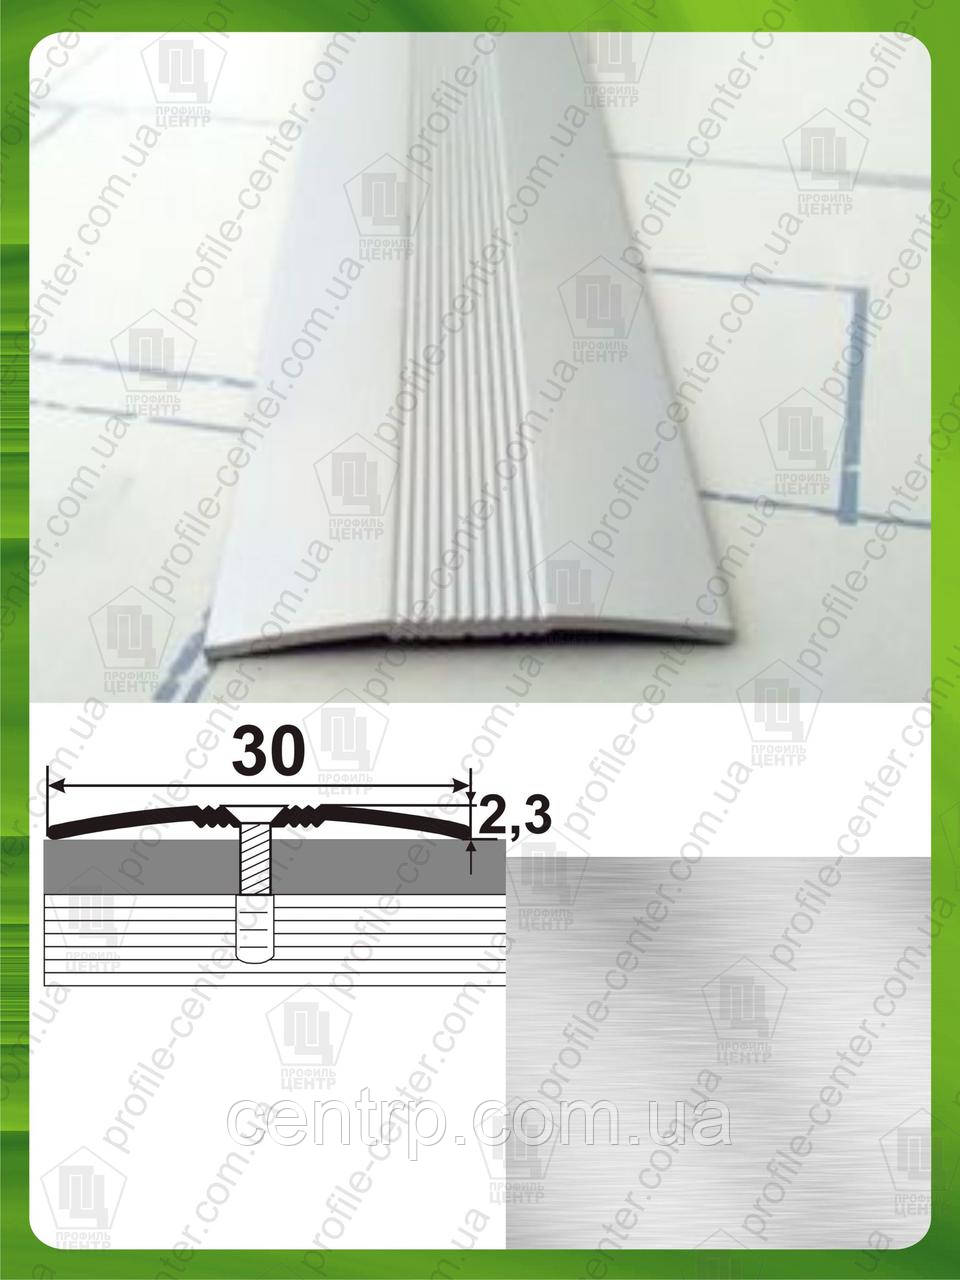 Порожек для пола АП 006 Без покрытия. Ширина 30 мм. Длина 2,7м.